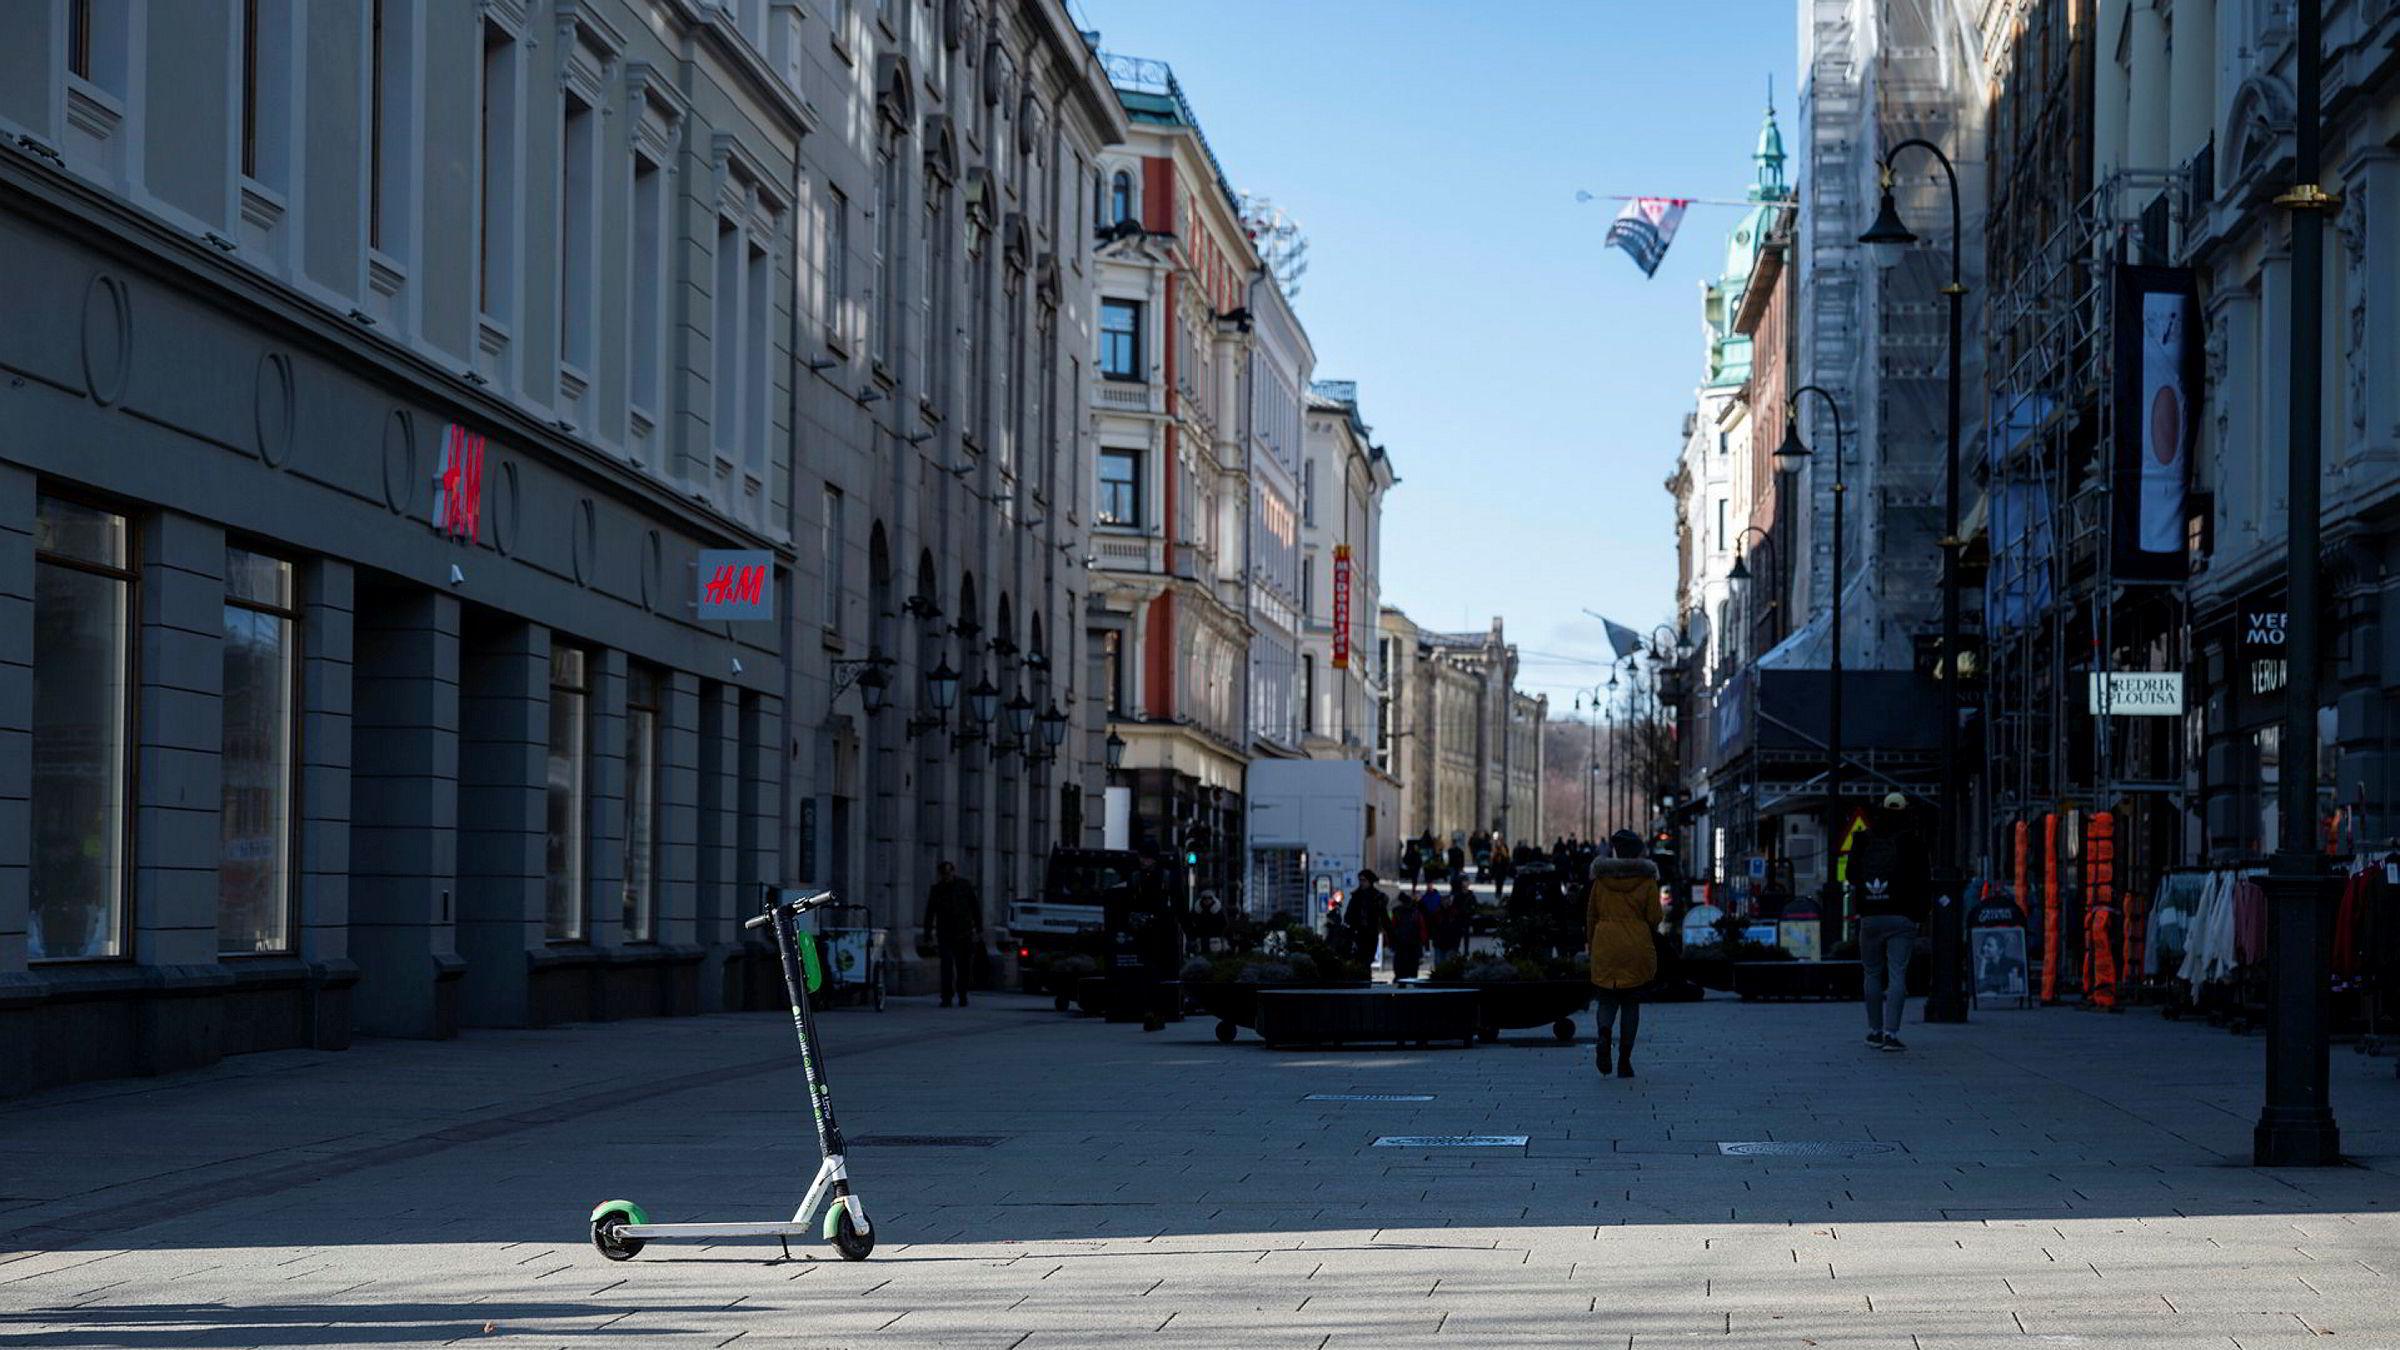 Flere serveringssteder holder stengt og det er mindre folk i Oslo sentrum enn en vanlig fredag etter at Folkehelseinstituttet rådet folk til å holde seg hjemme i forbindelse med koronautbruddet. Lite folk på Karl Johan.